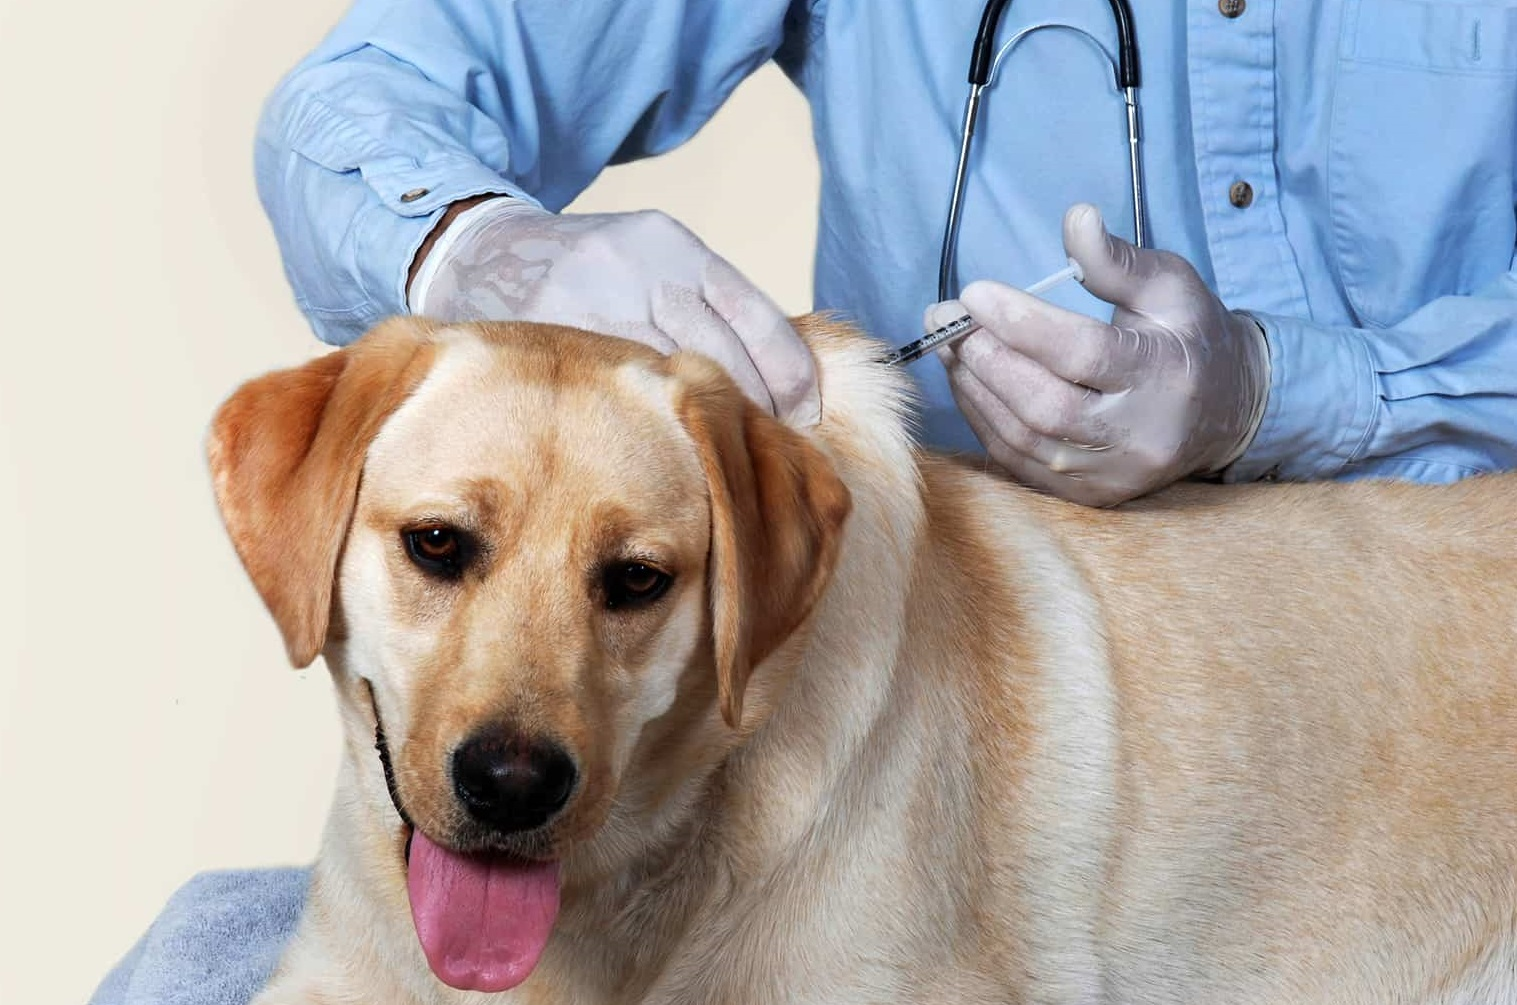 Perro en la consulta del veterinario donde le aplican la vacuna contra la rabia.